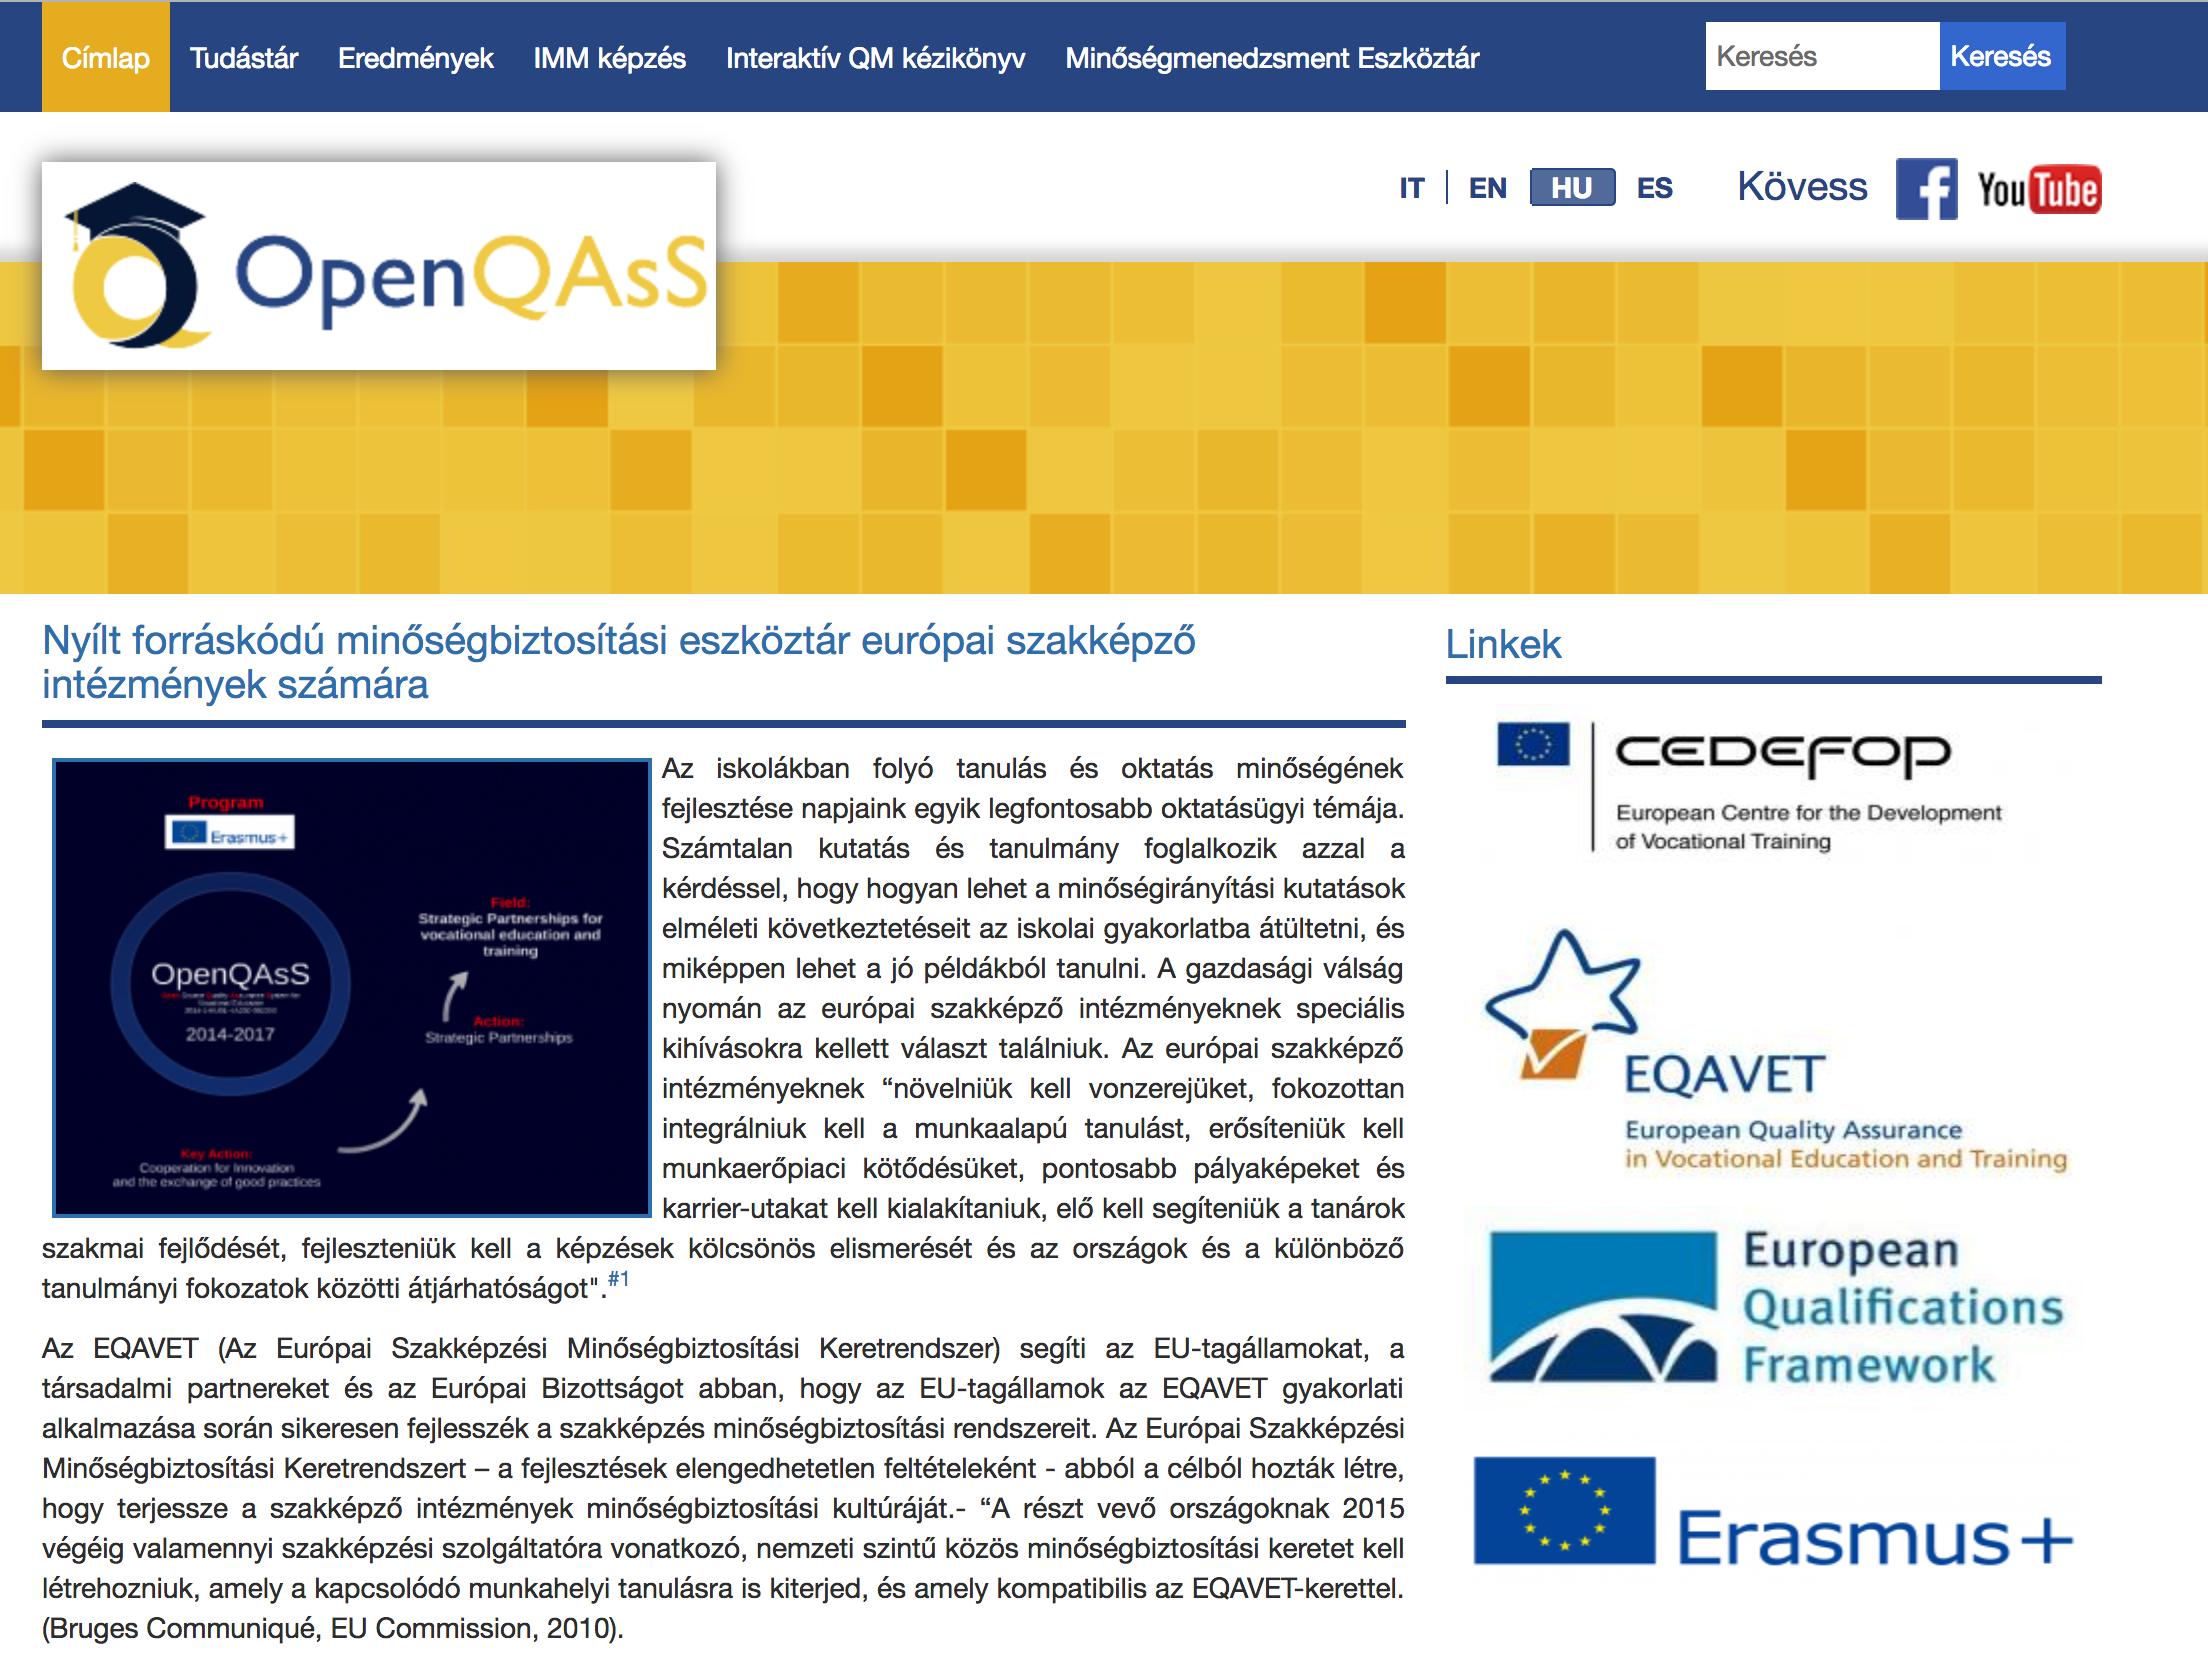 OpenQAsS weboldal